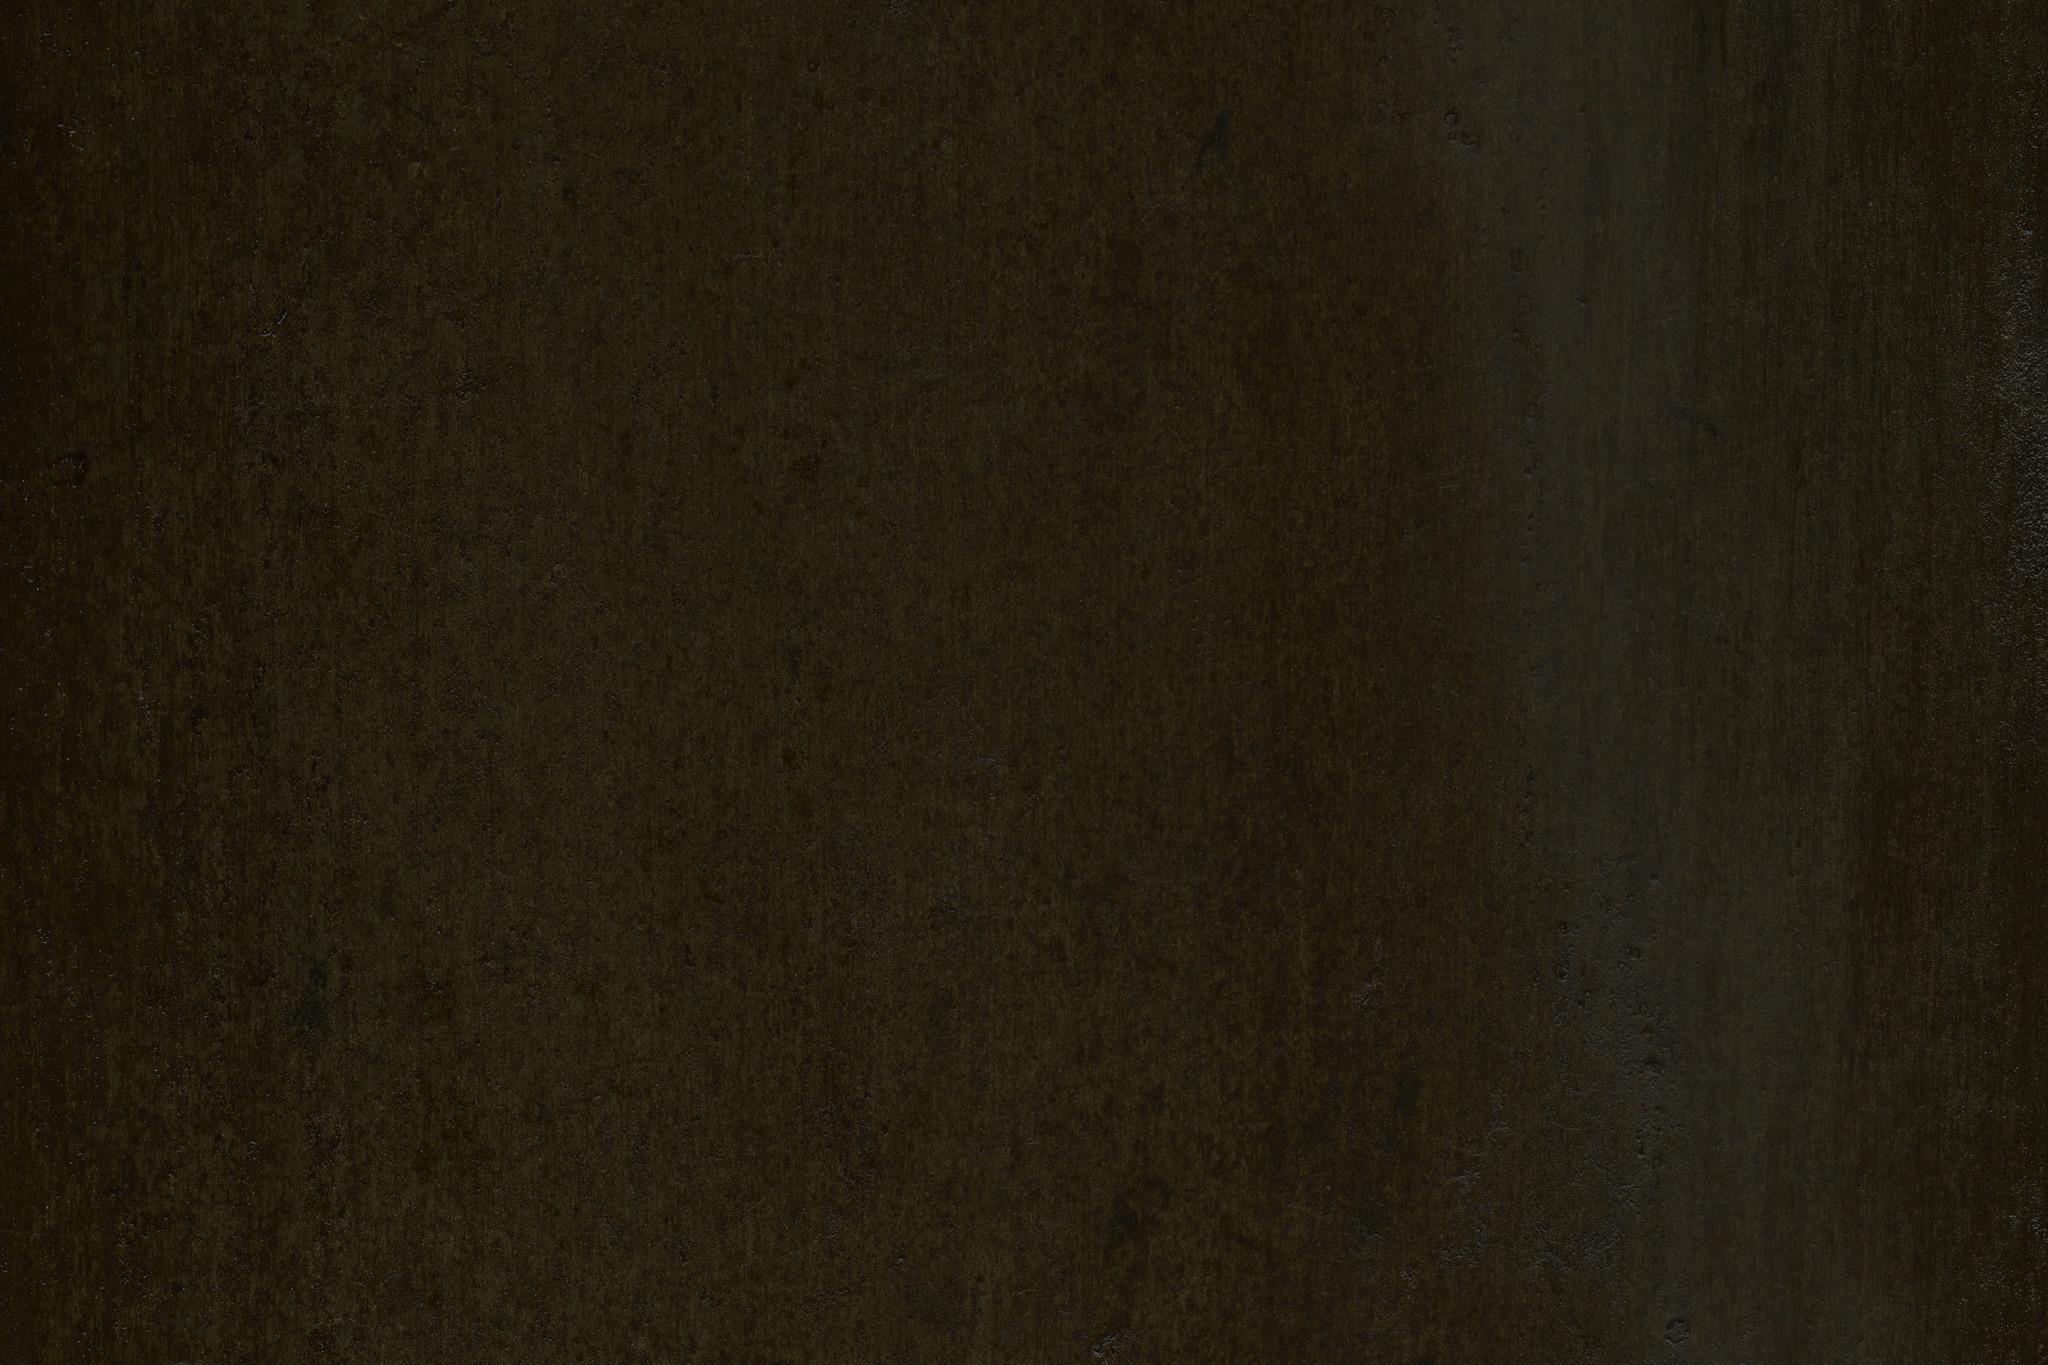 「古い鉄の重厚感あるテクスチャ」の素材を無料ダウンロード